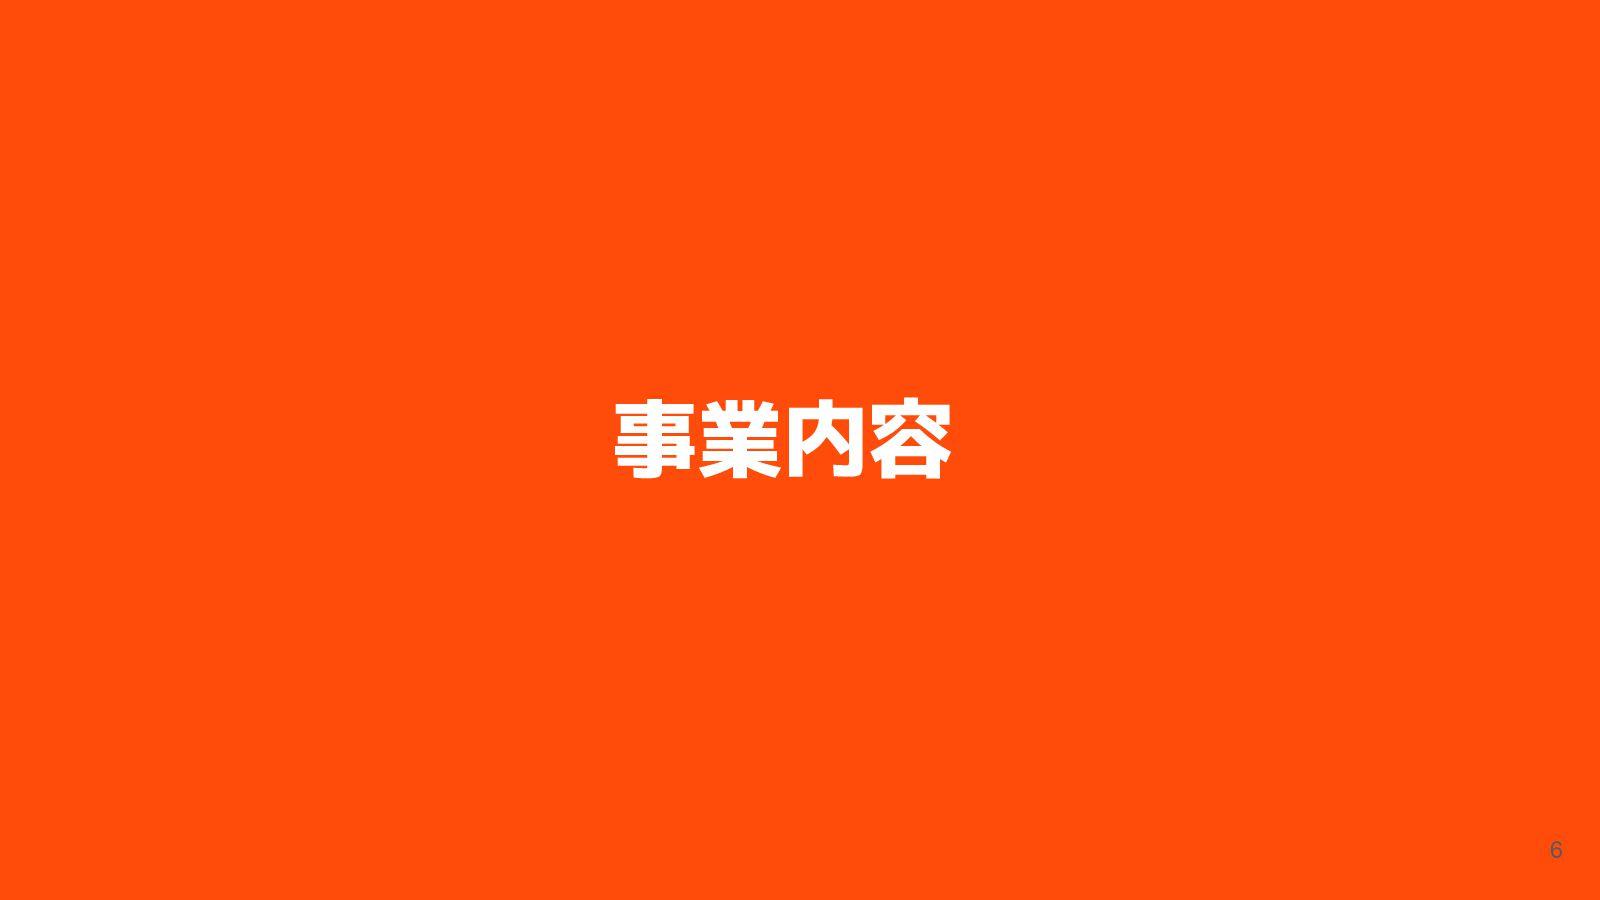 「英語学習」領域に込める想い 6